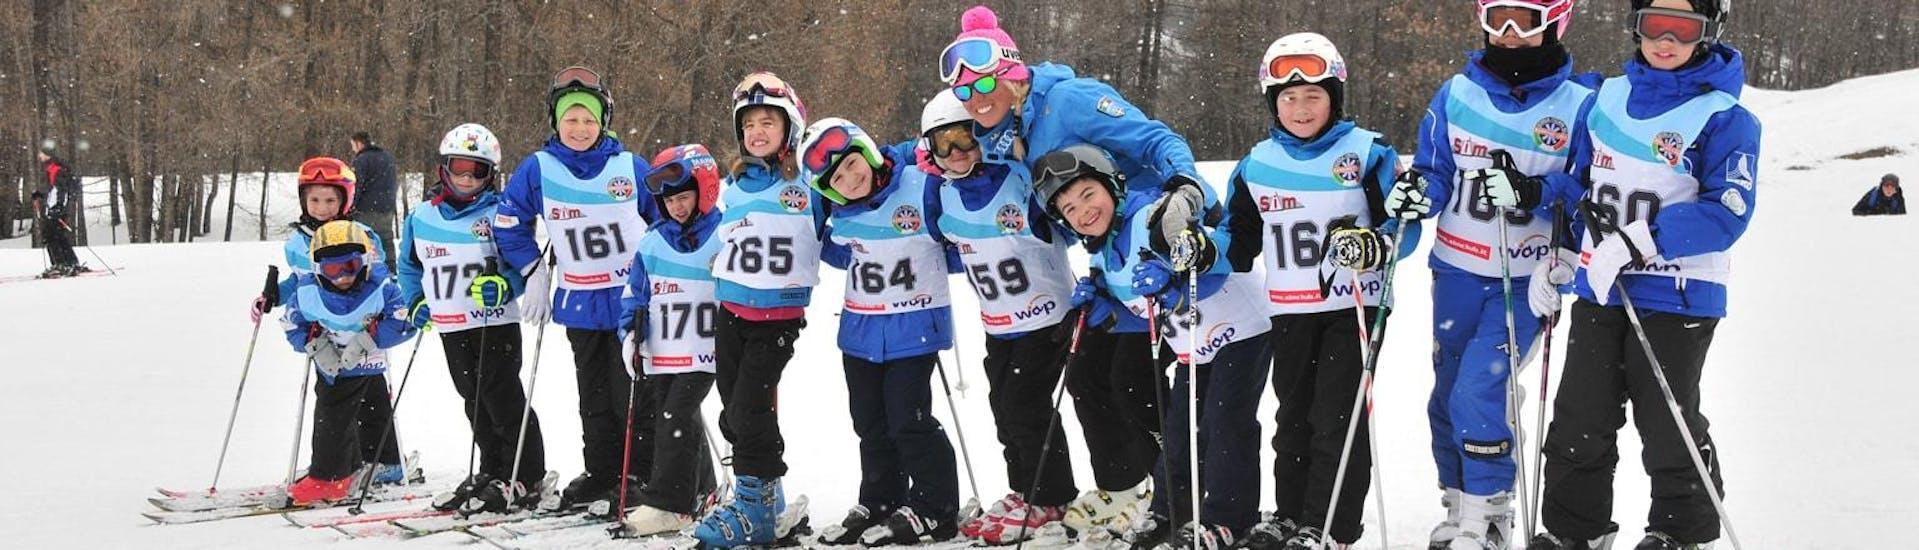 Pendant les fêtes de Noël, les enfants skient avec leurs amis dans le cadre de leur Cours de ski pour Enfants (4 à 10 ans) - Noël - Débutant organisé par l'école de ski Scuola di Sci Bardonecchia.